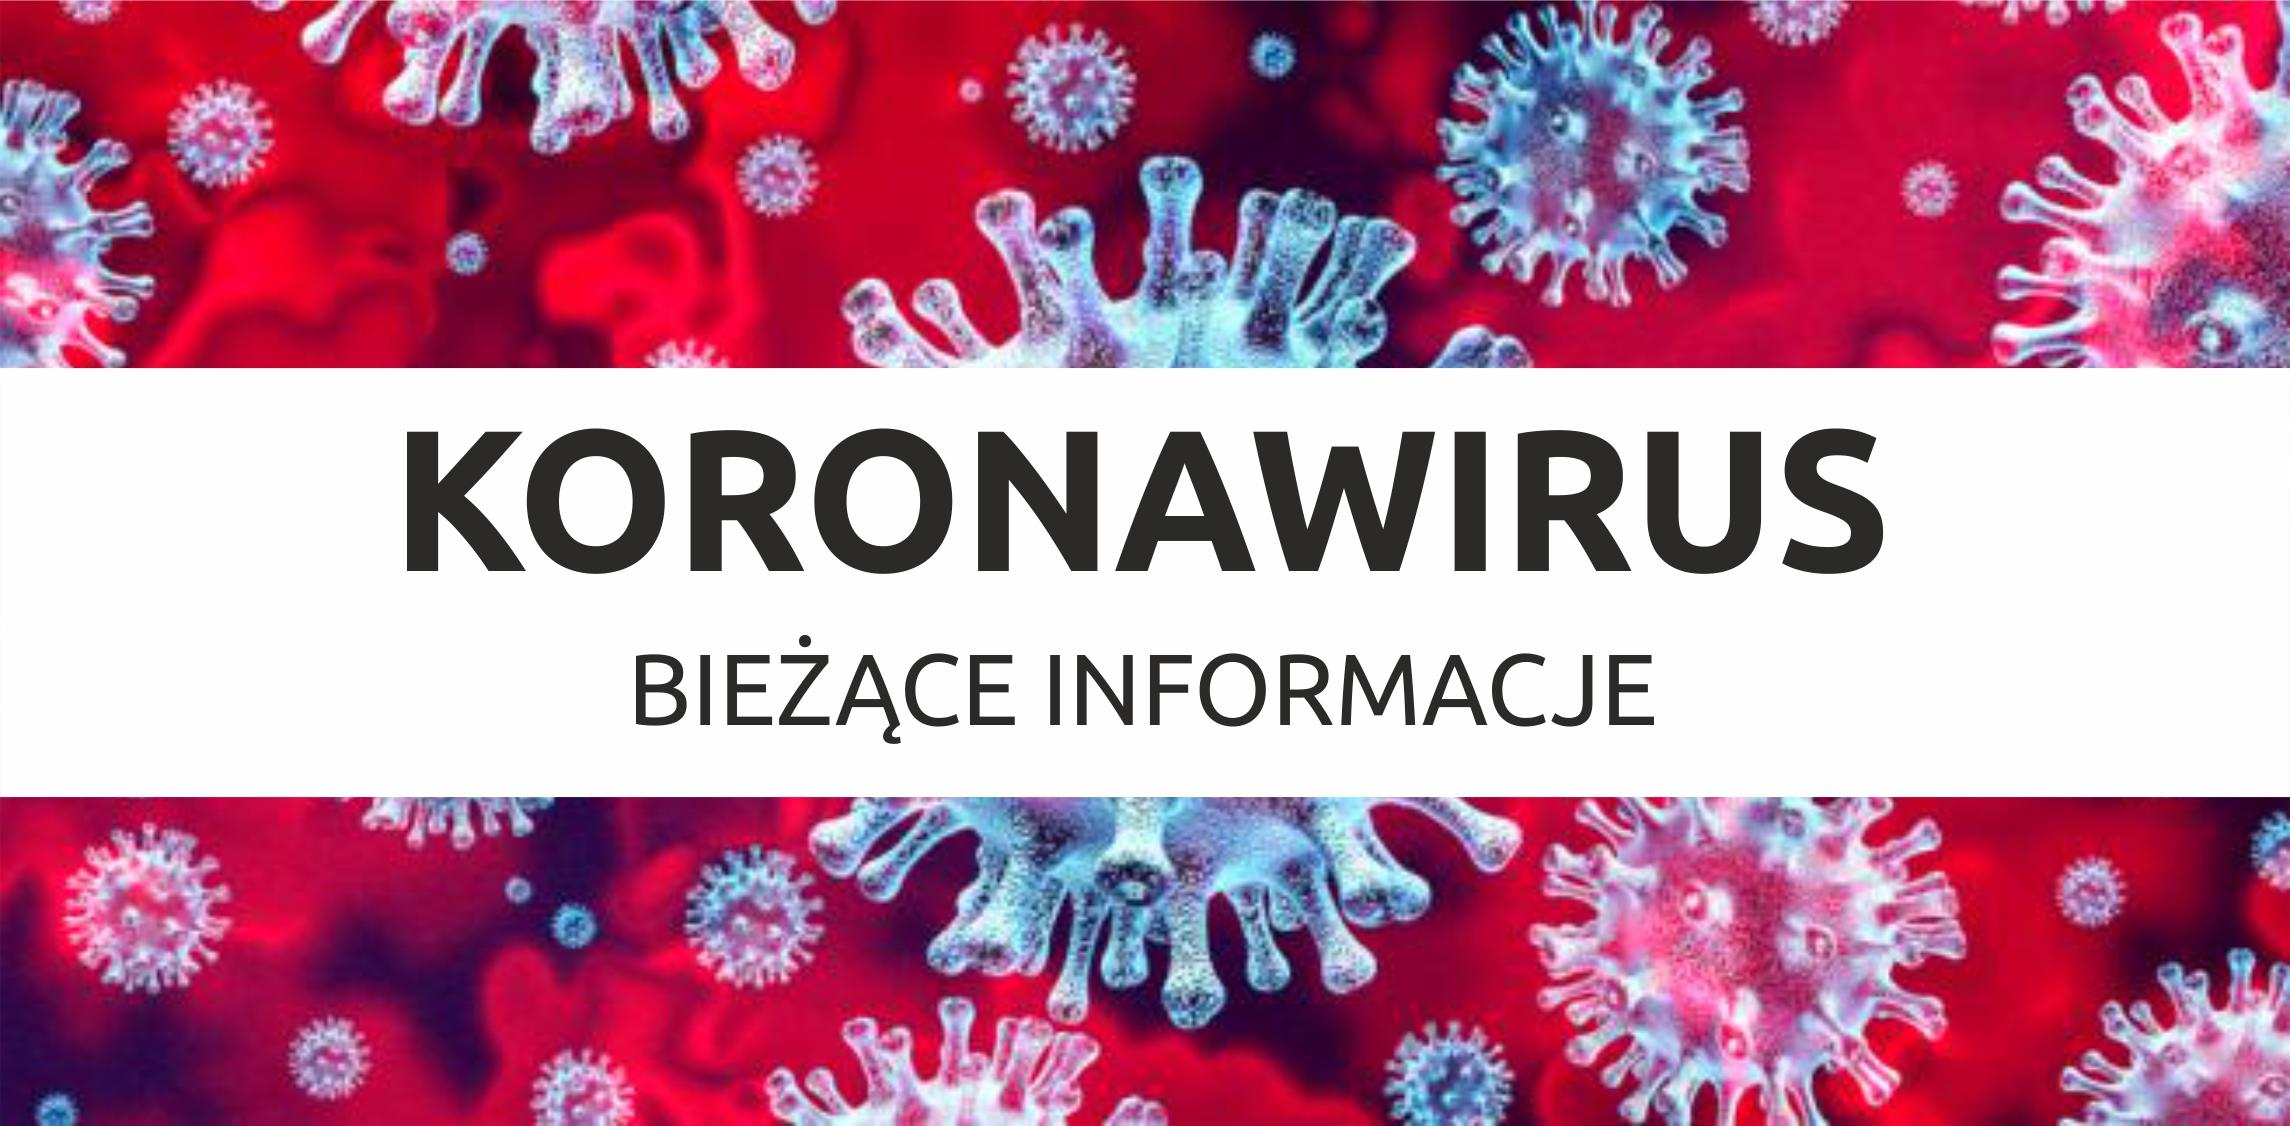 Zdjęcie niebiesko czerwonch bakkteri w zbliżeniu mikroskopijnym z czarnym napisem Koronawirus bieżace informacje przez środek na białym tle.